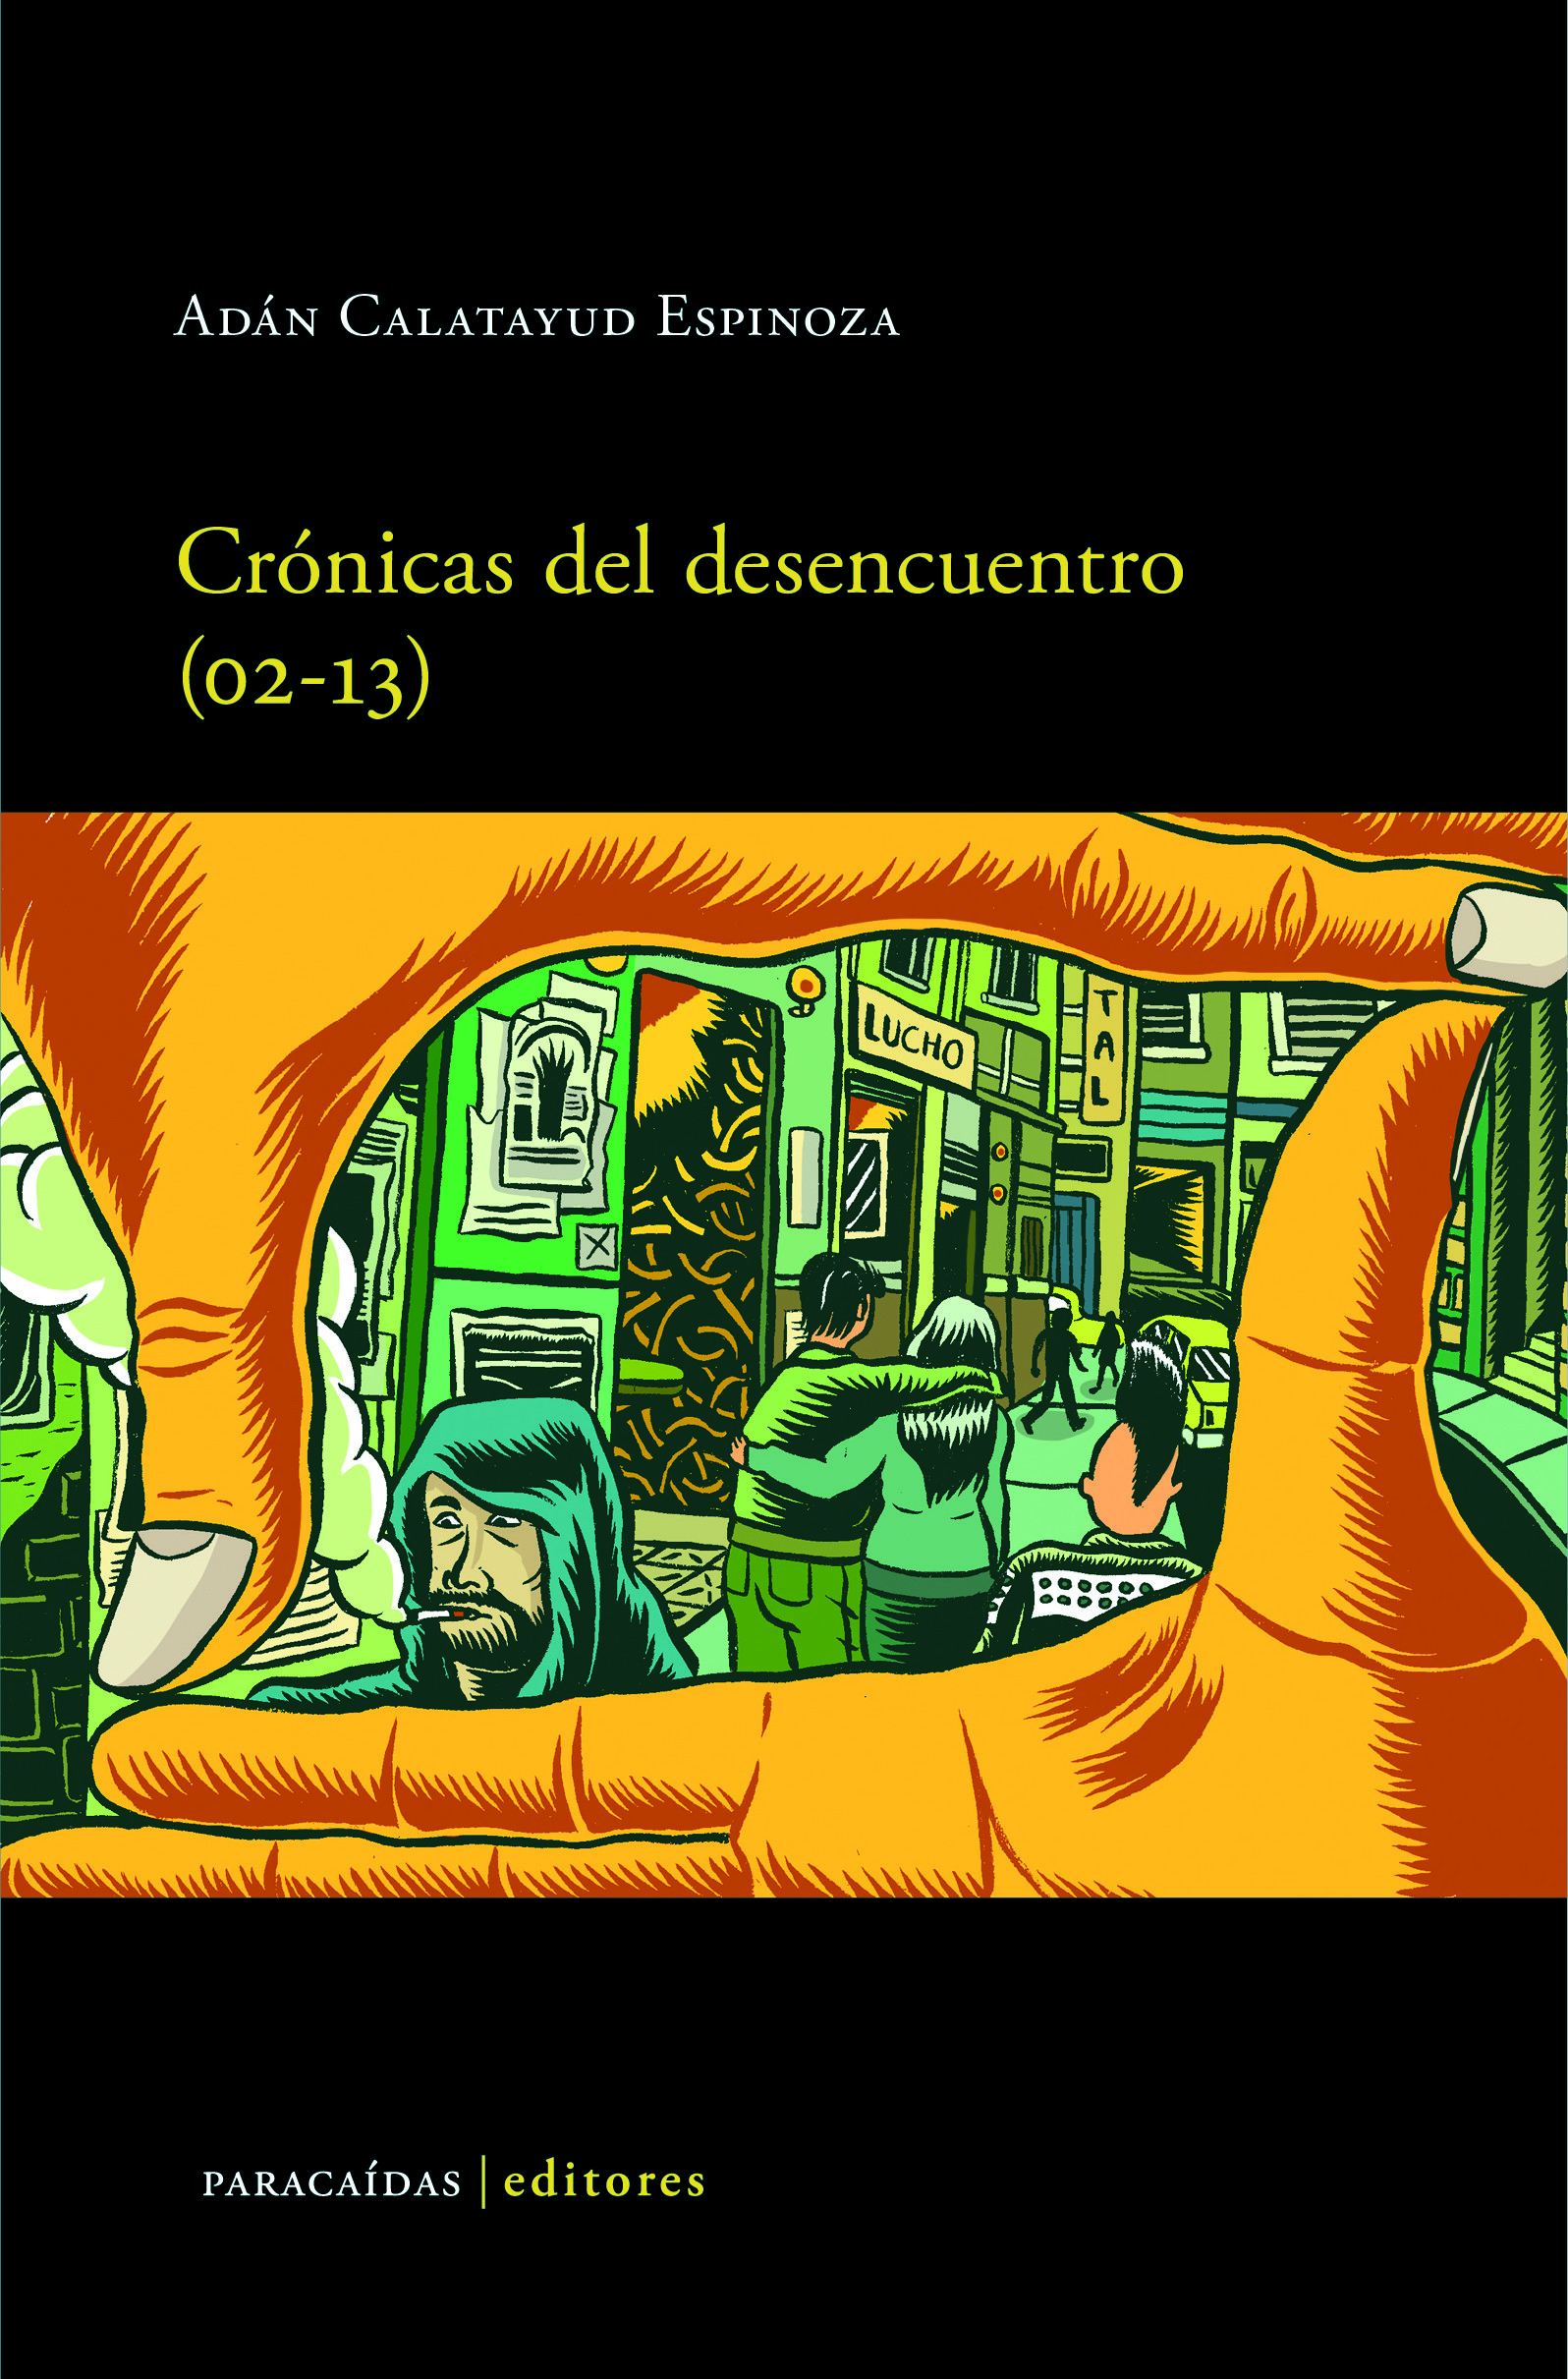 Crónicas del desencuentro (02-13)